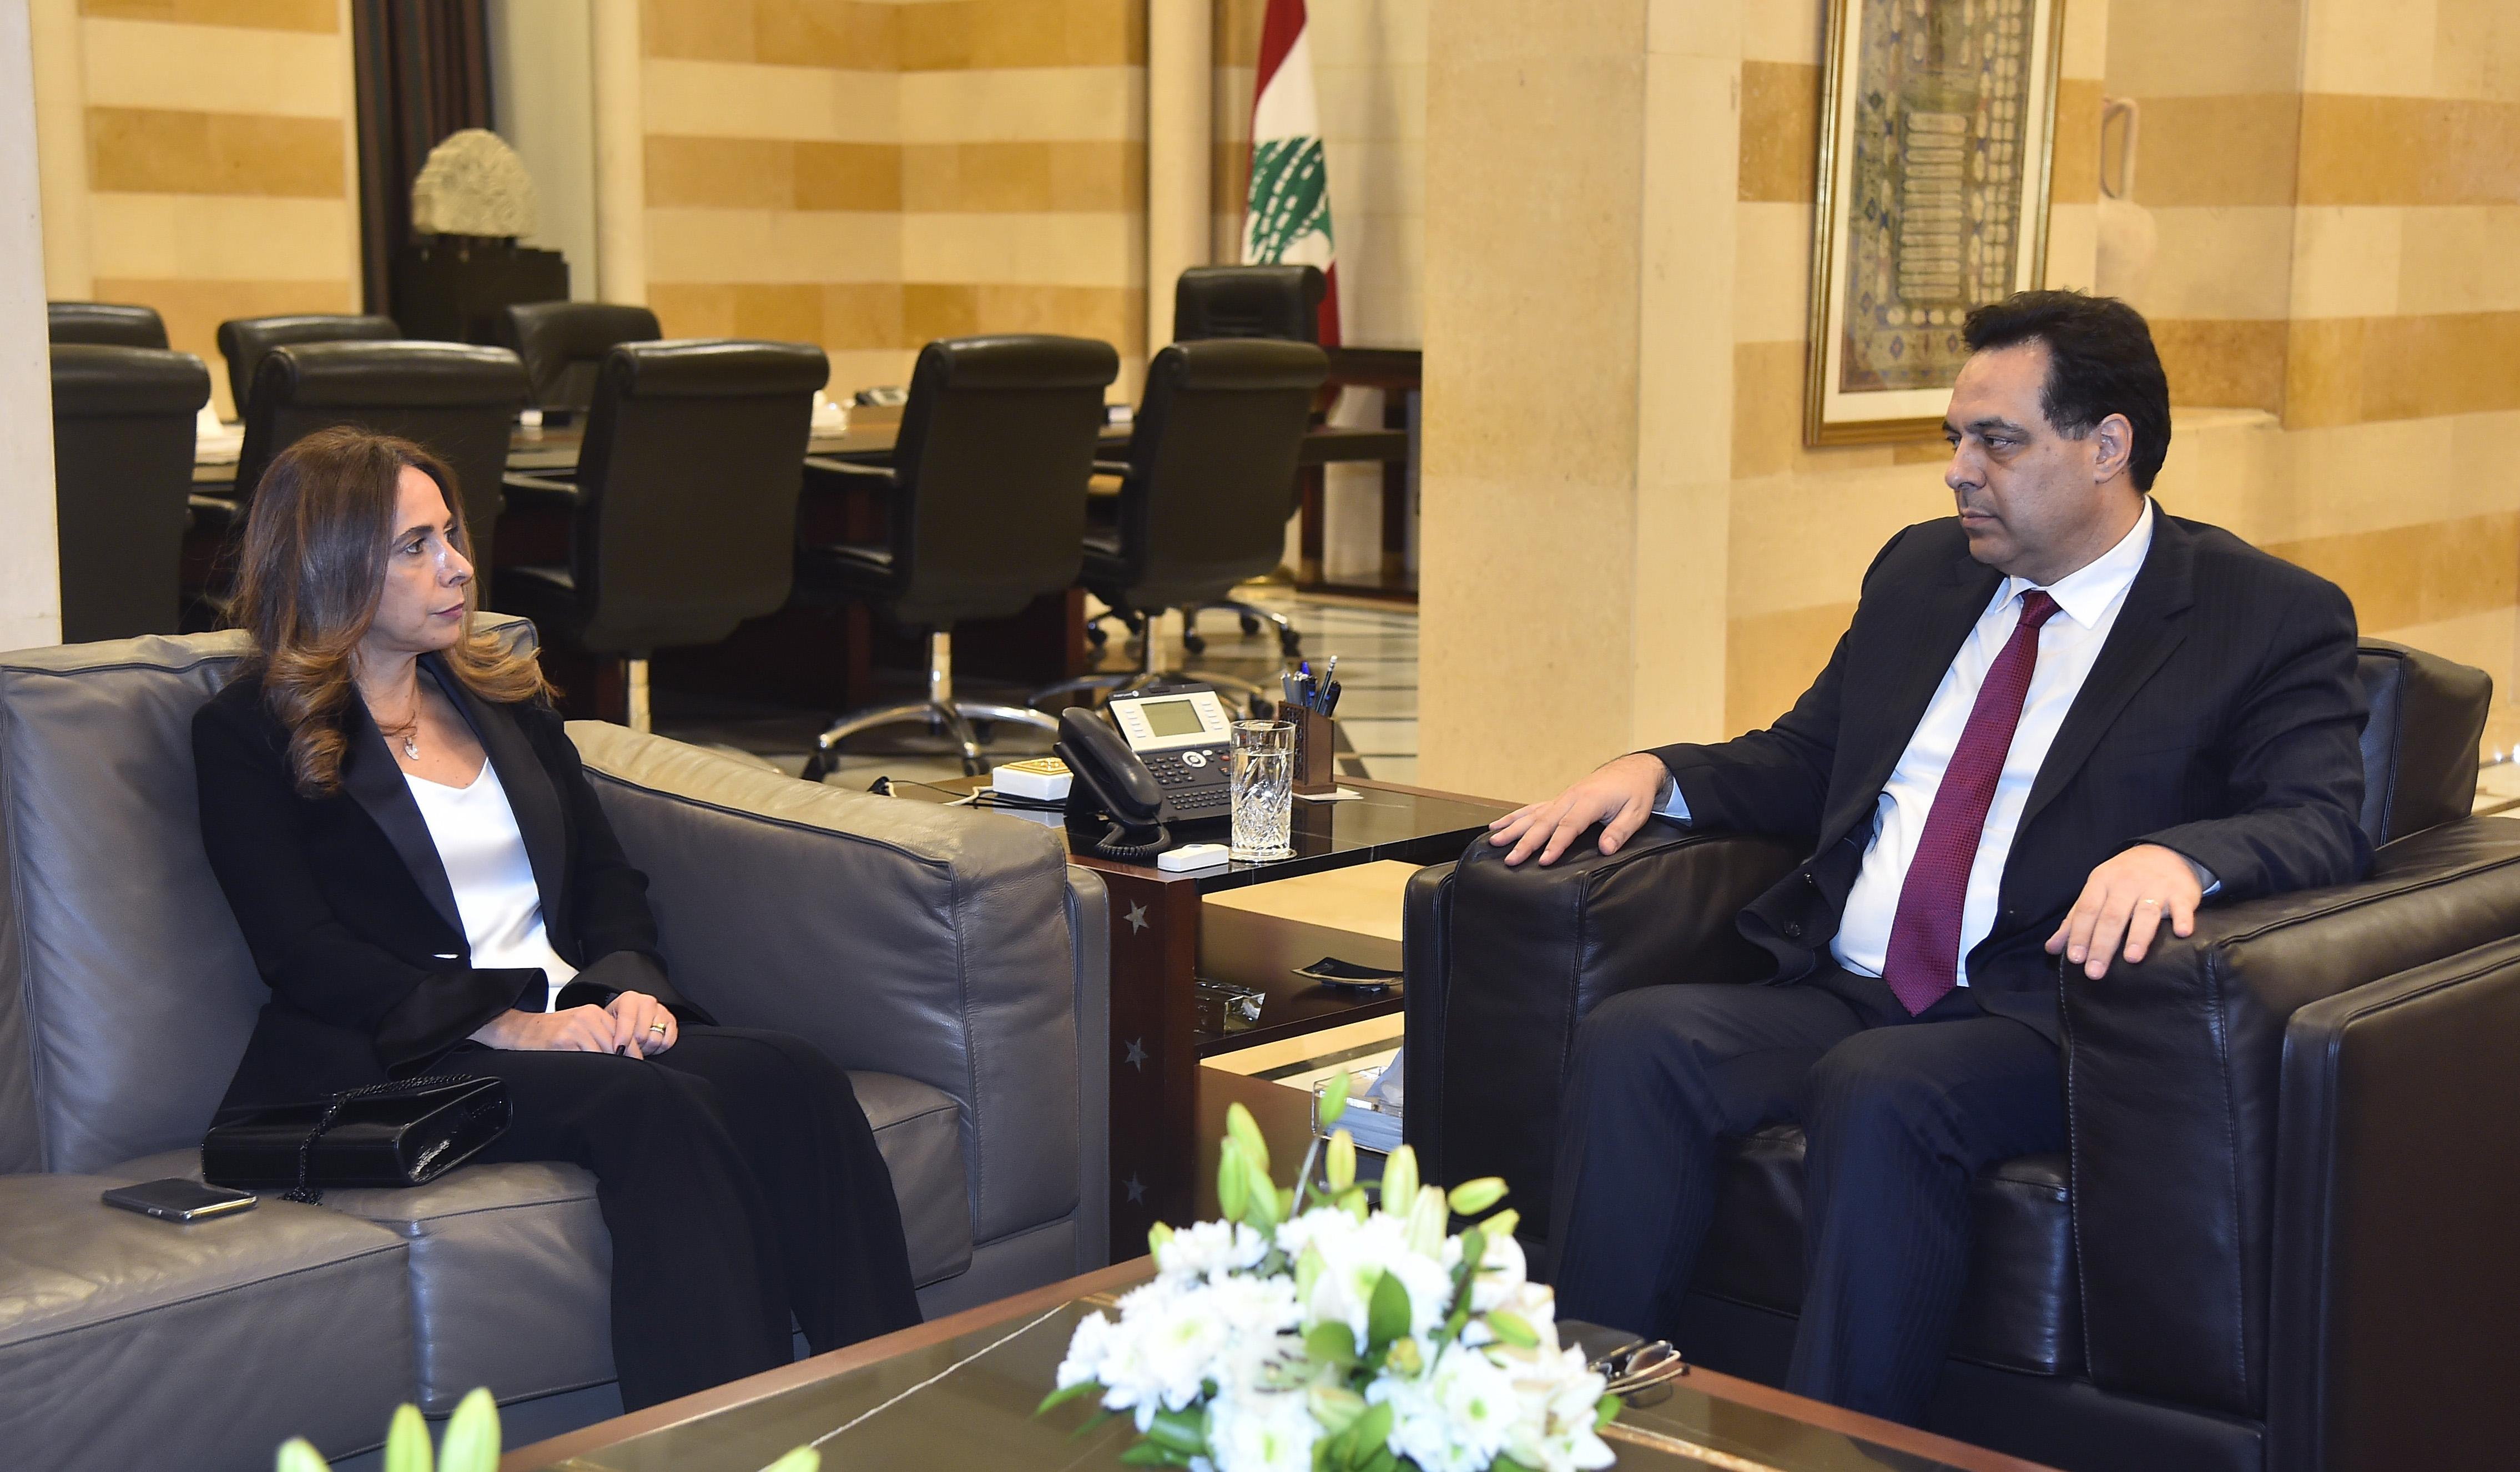 Pr Minister Hassan Diab meets Minister Zeina Akar Adra